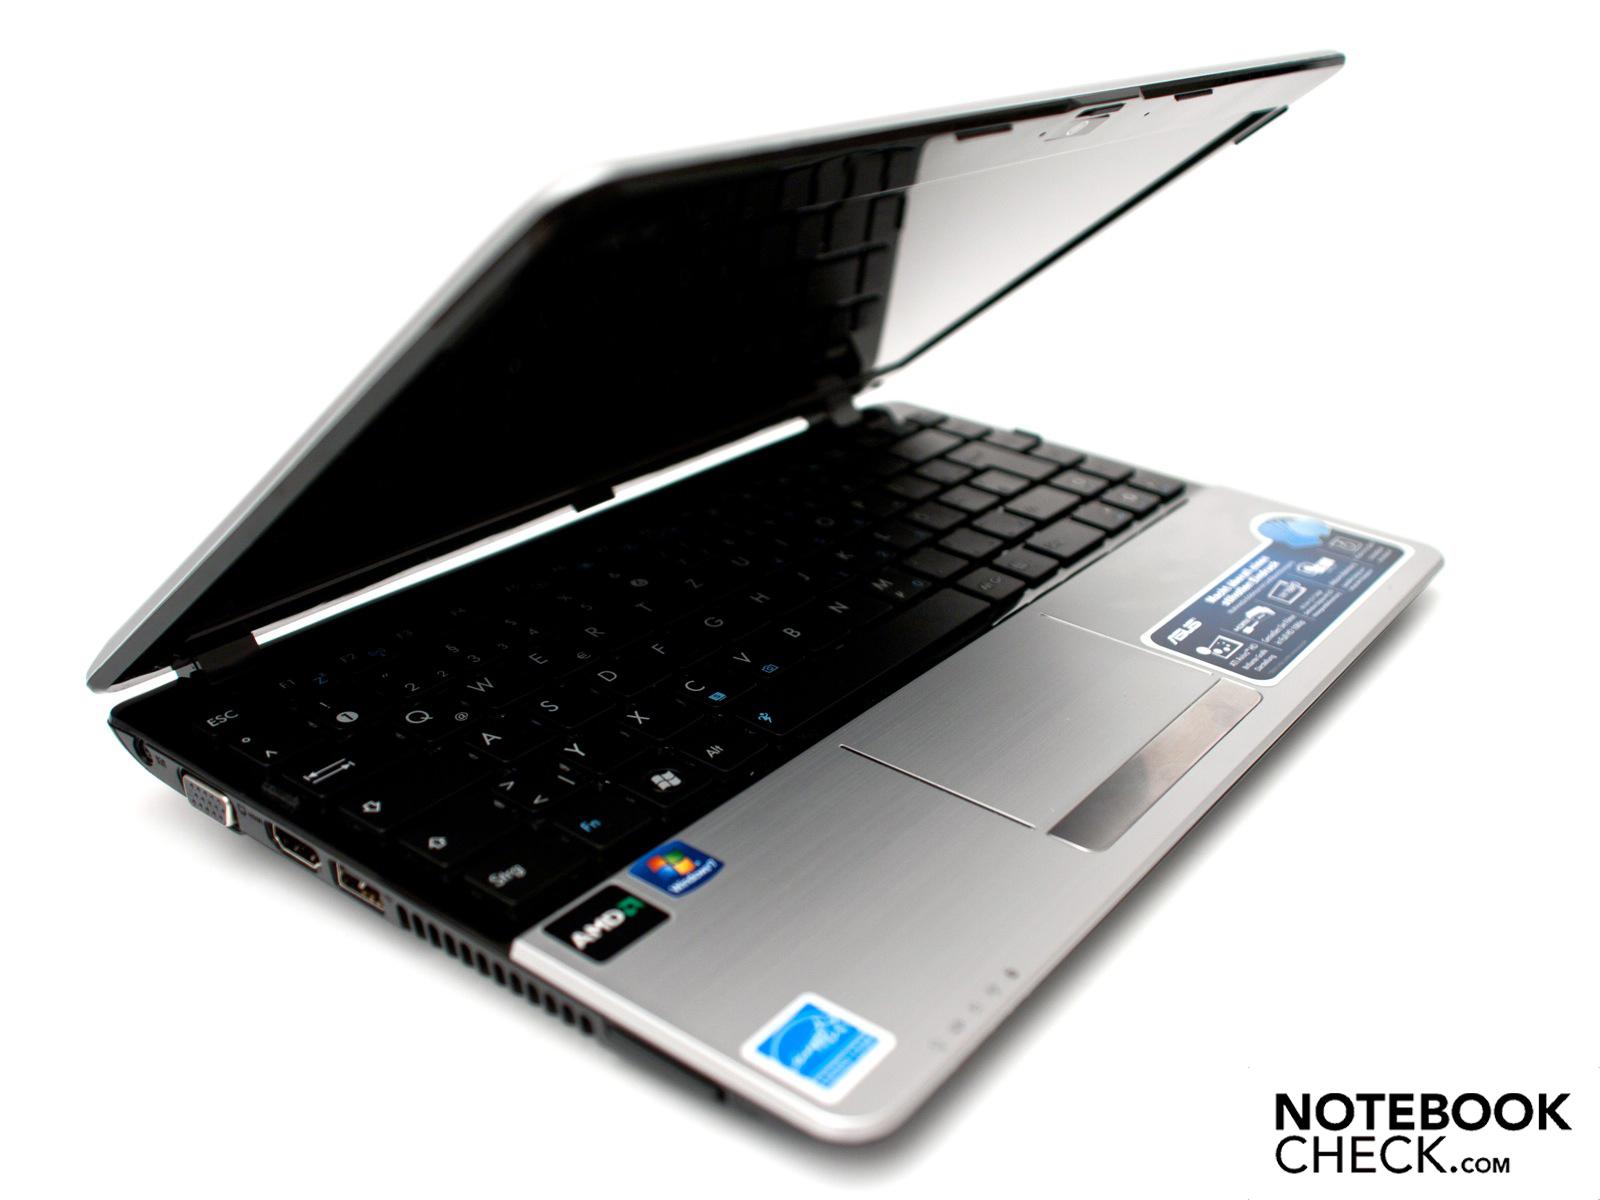 Asus Eee PC 1215N Notebook Audio Driver Windows